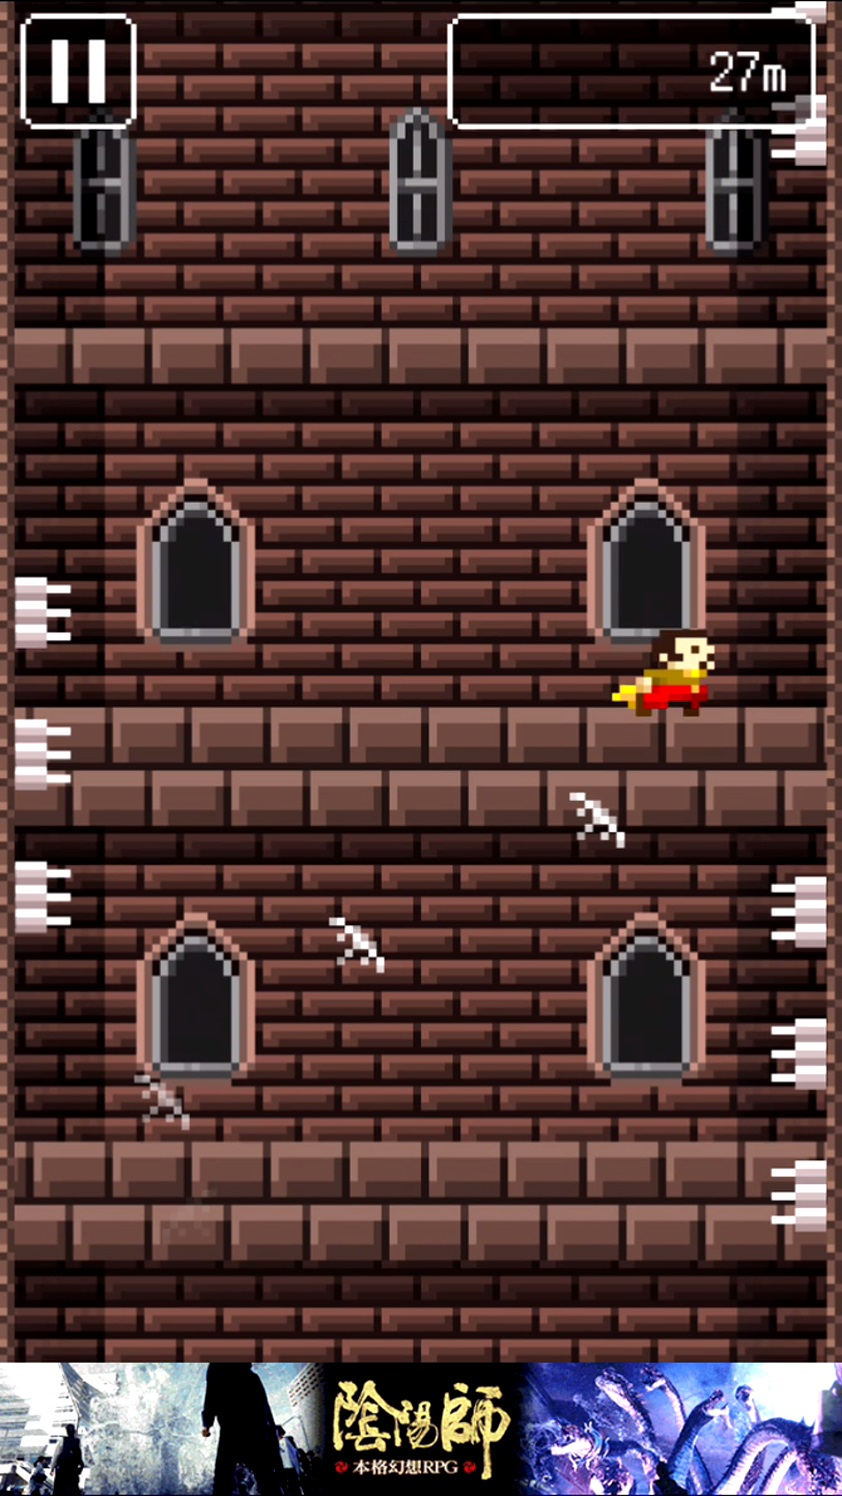 壁蹴りとび androidアプリスクリーンショット3